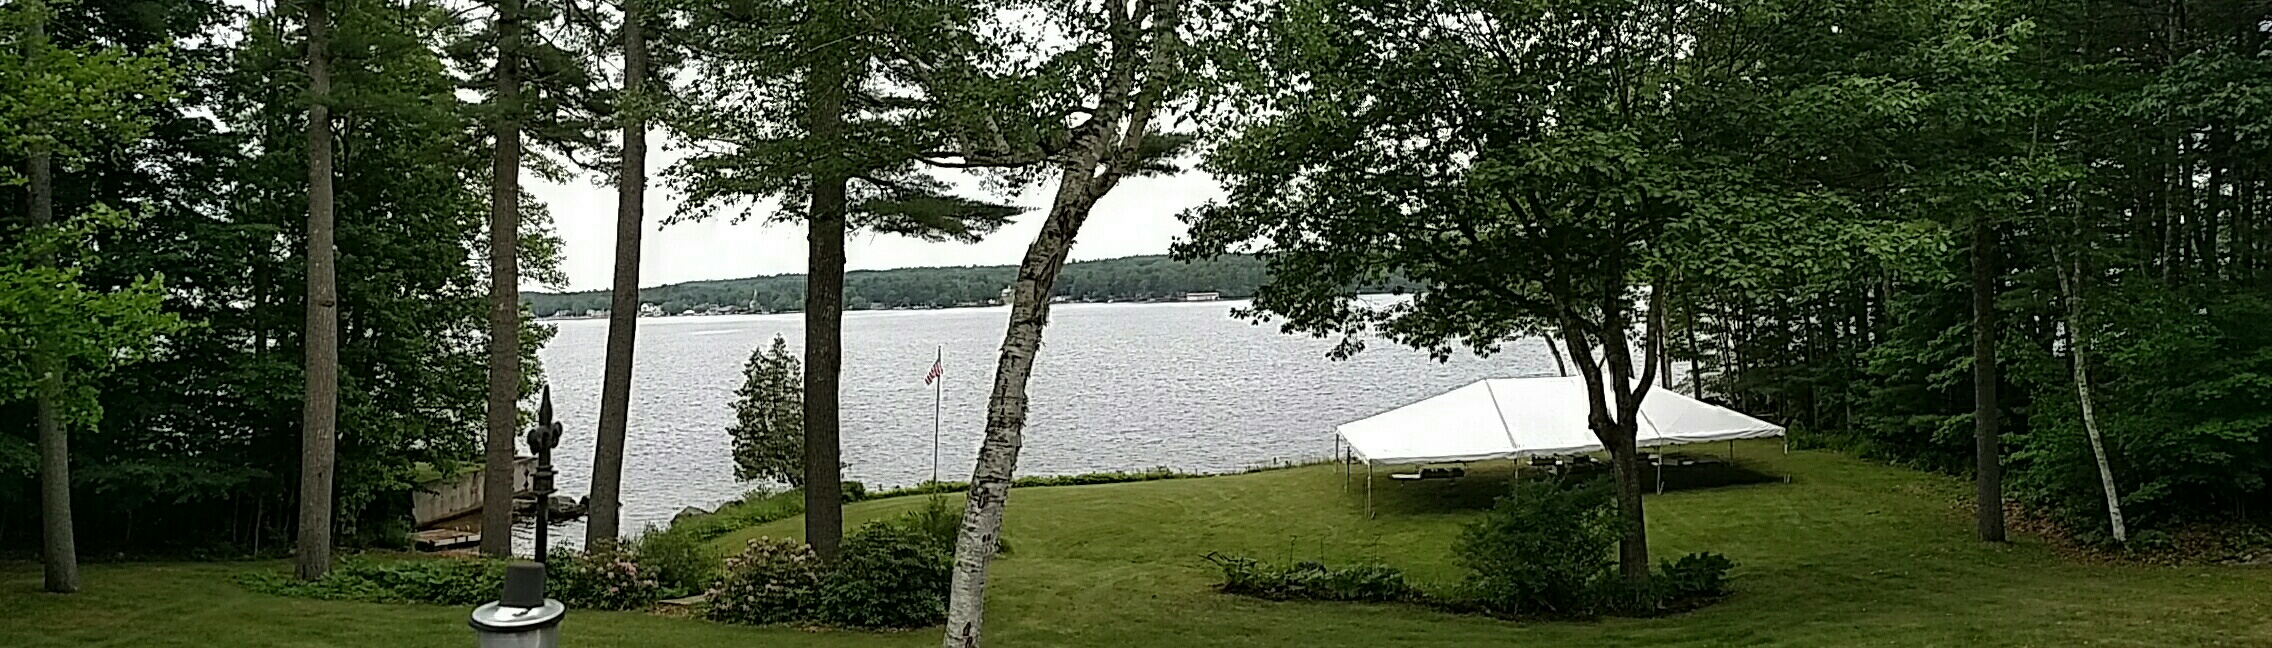 30x45 Frame Long Lake